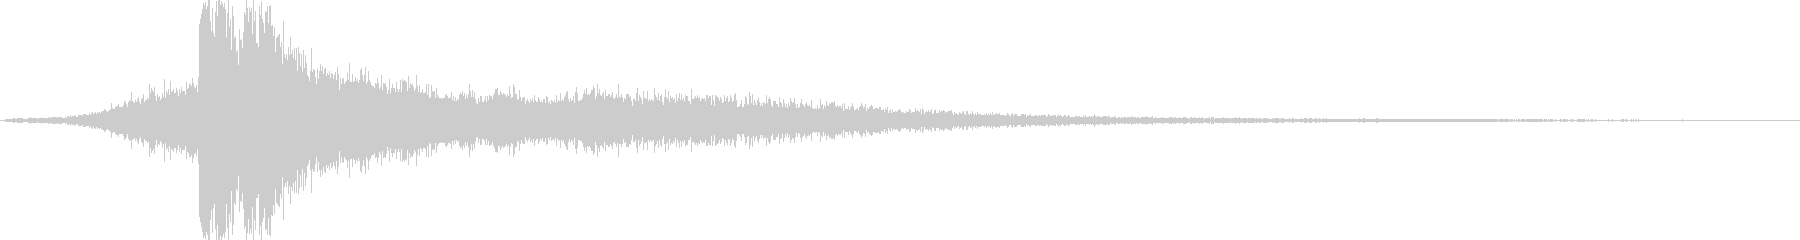 放電2 (キュイーン…バシューンゴロゴ…の未再生の波形